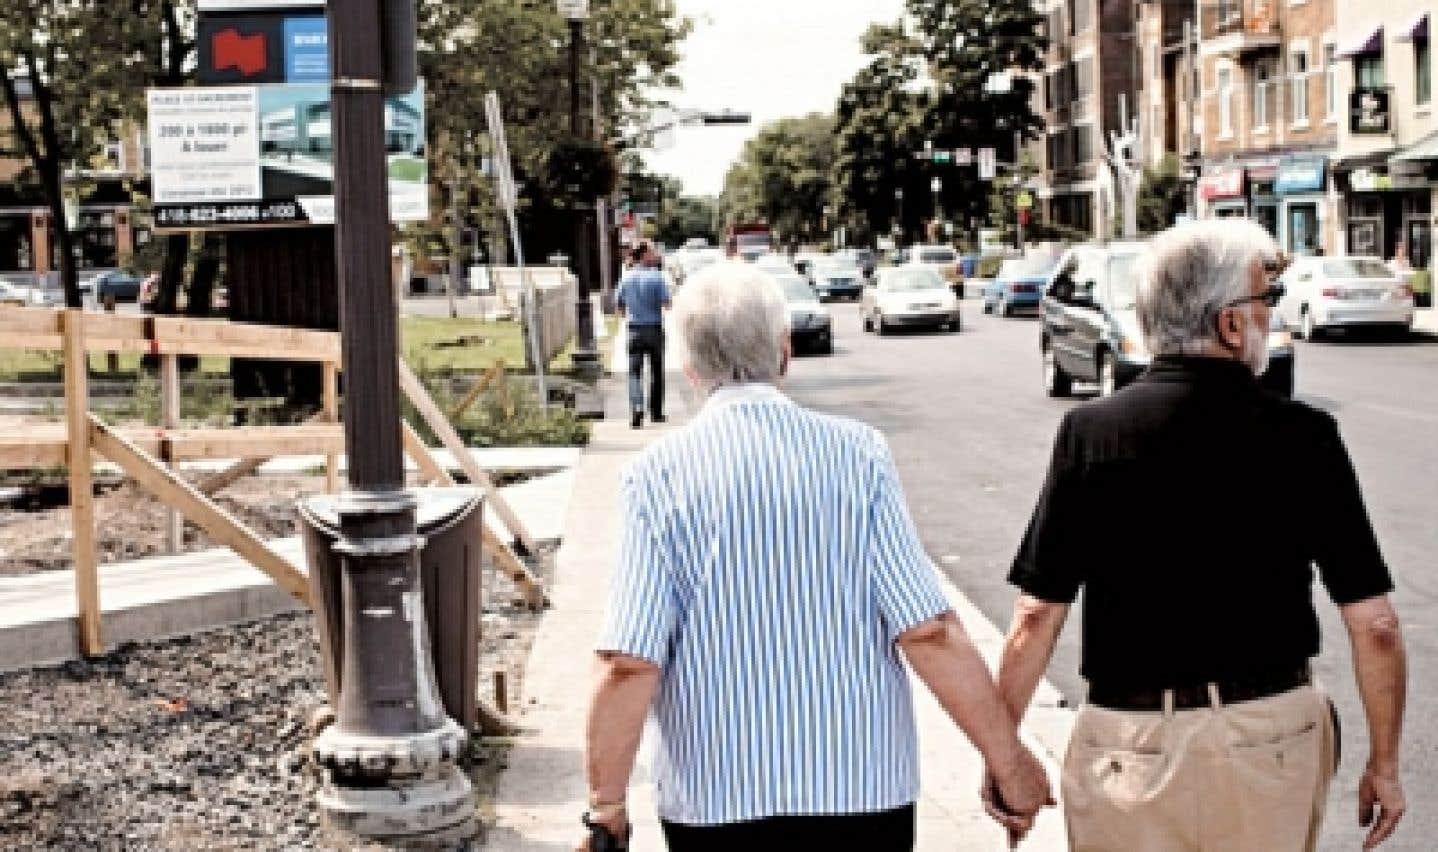 Le nouveau gouvernement minoritaire aura des questions à se poser, notamment au sujet des soins de santé pour les personnes âgées.